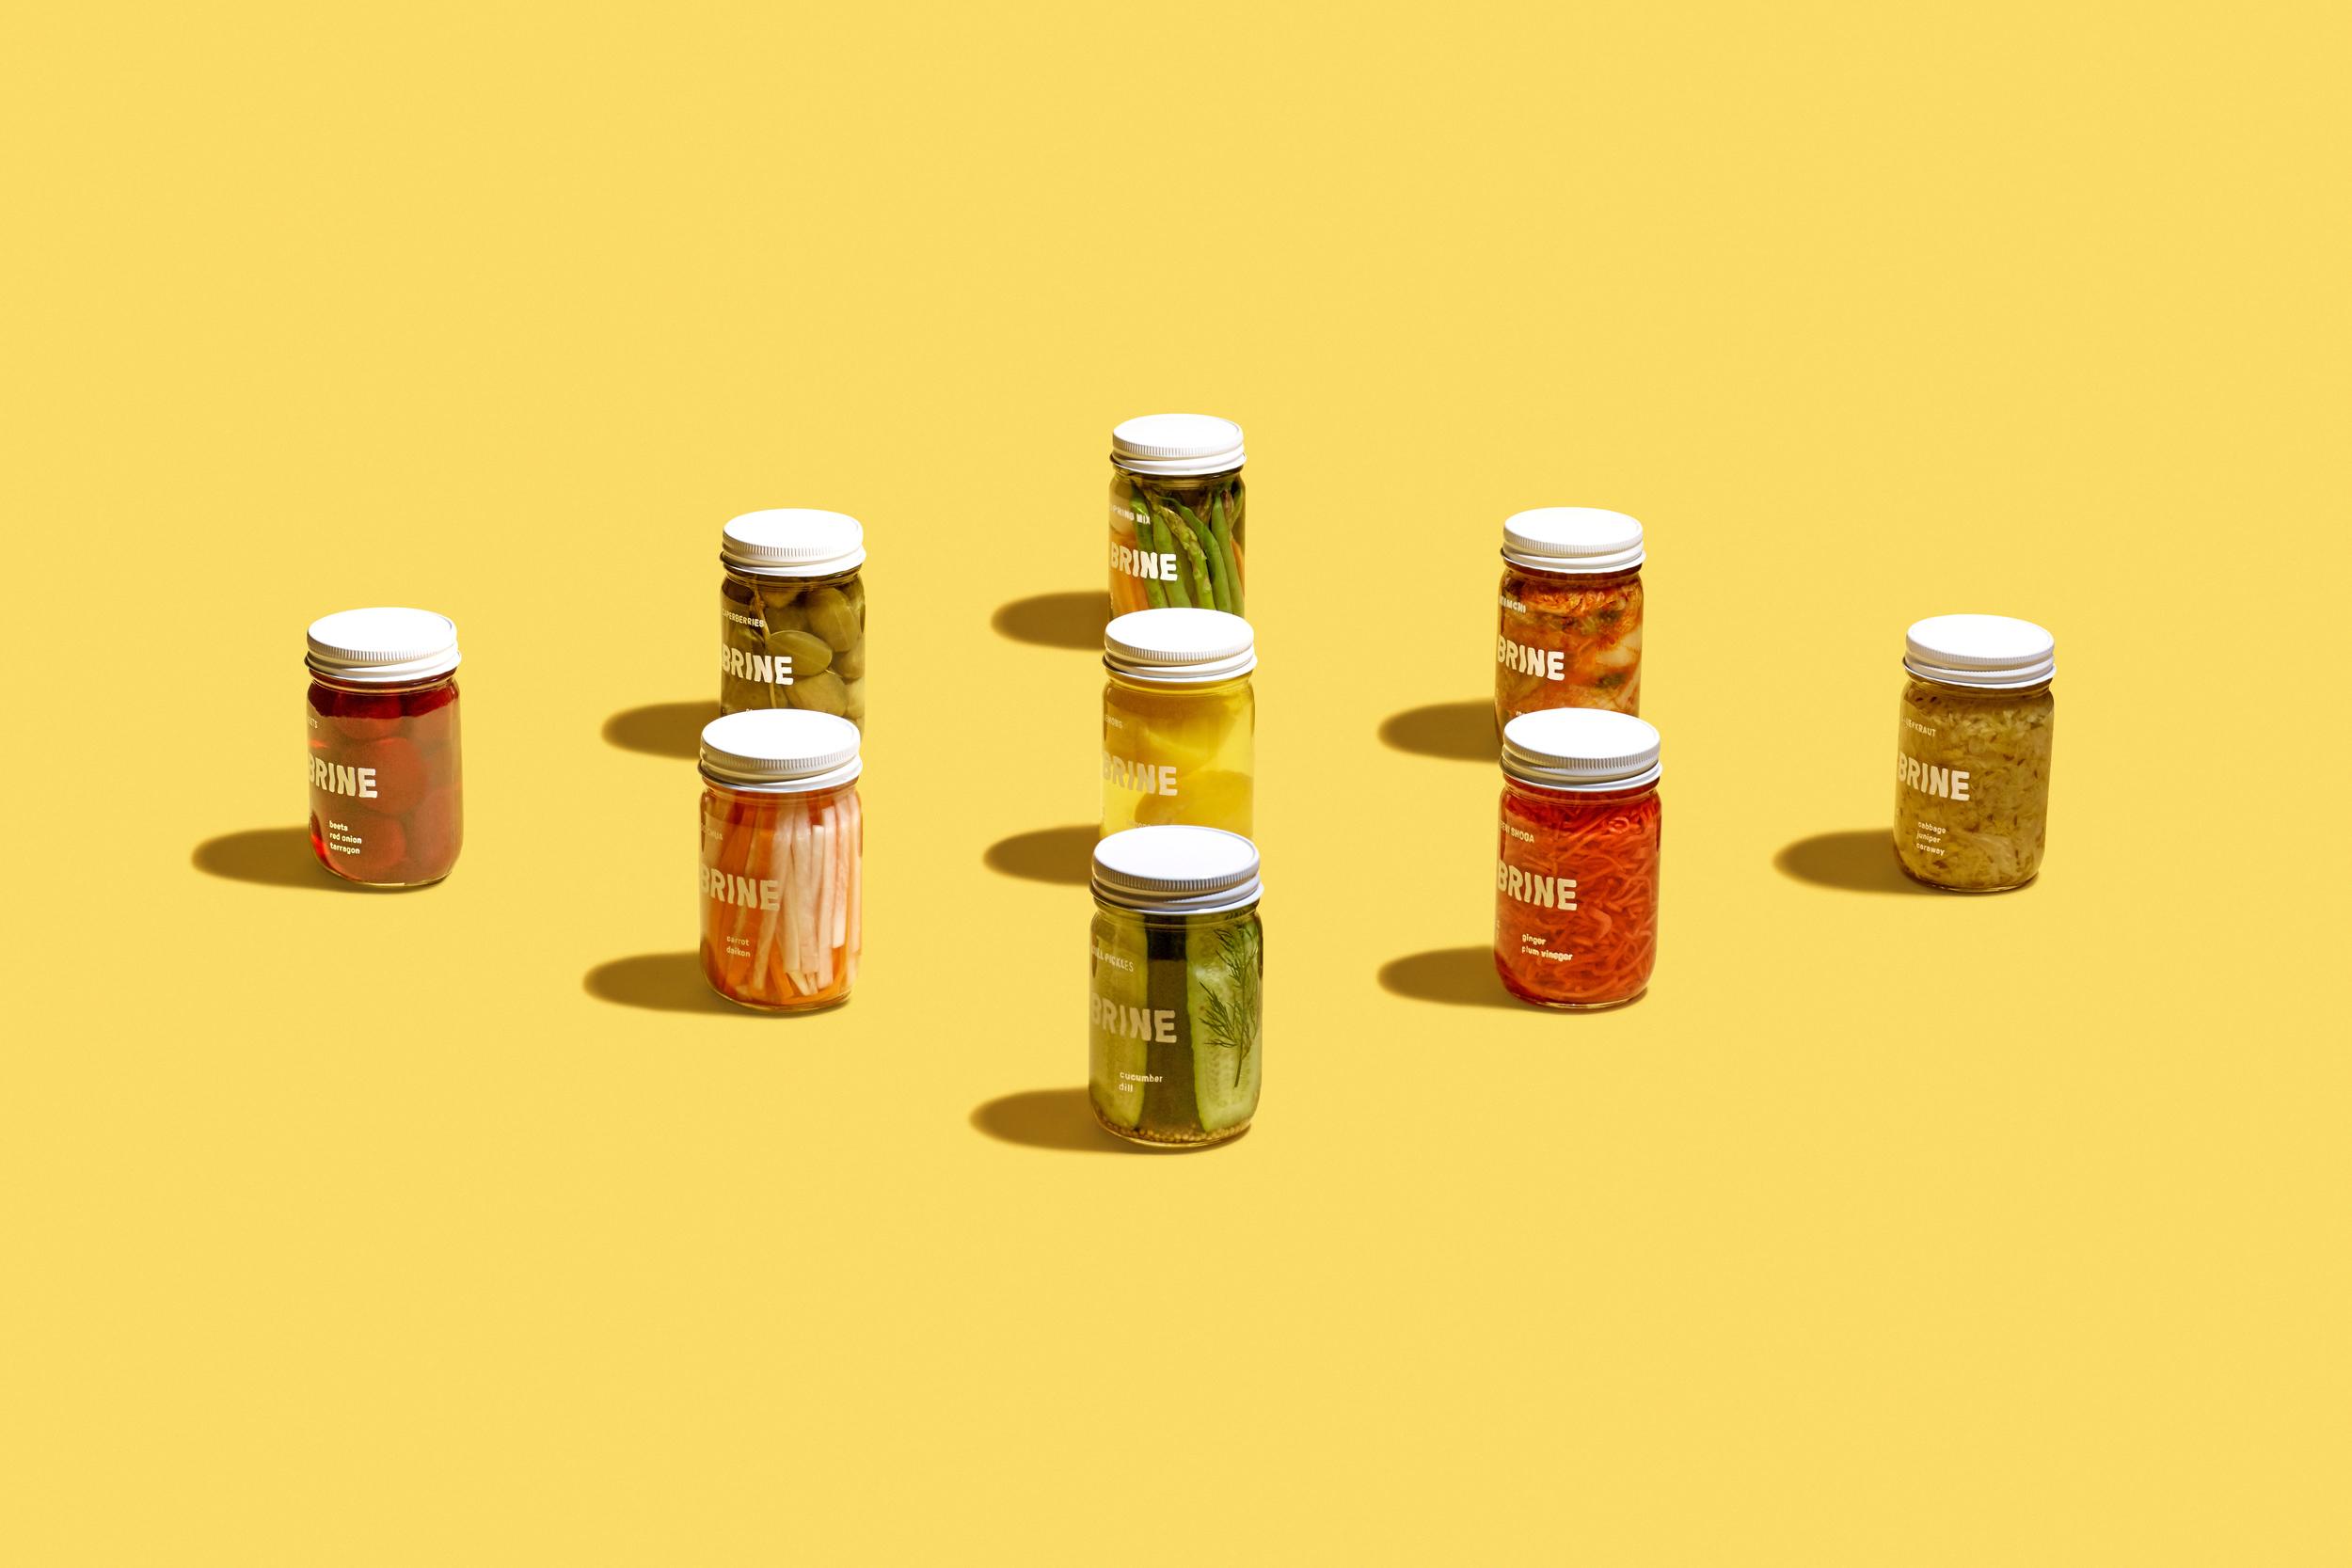 2015-07-28-pickles-editorial-01-0072-v4-FINAL.jpg